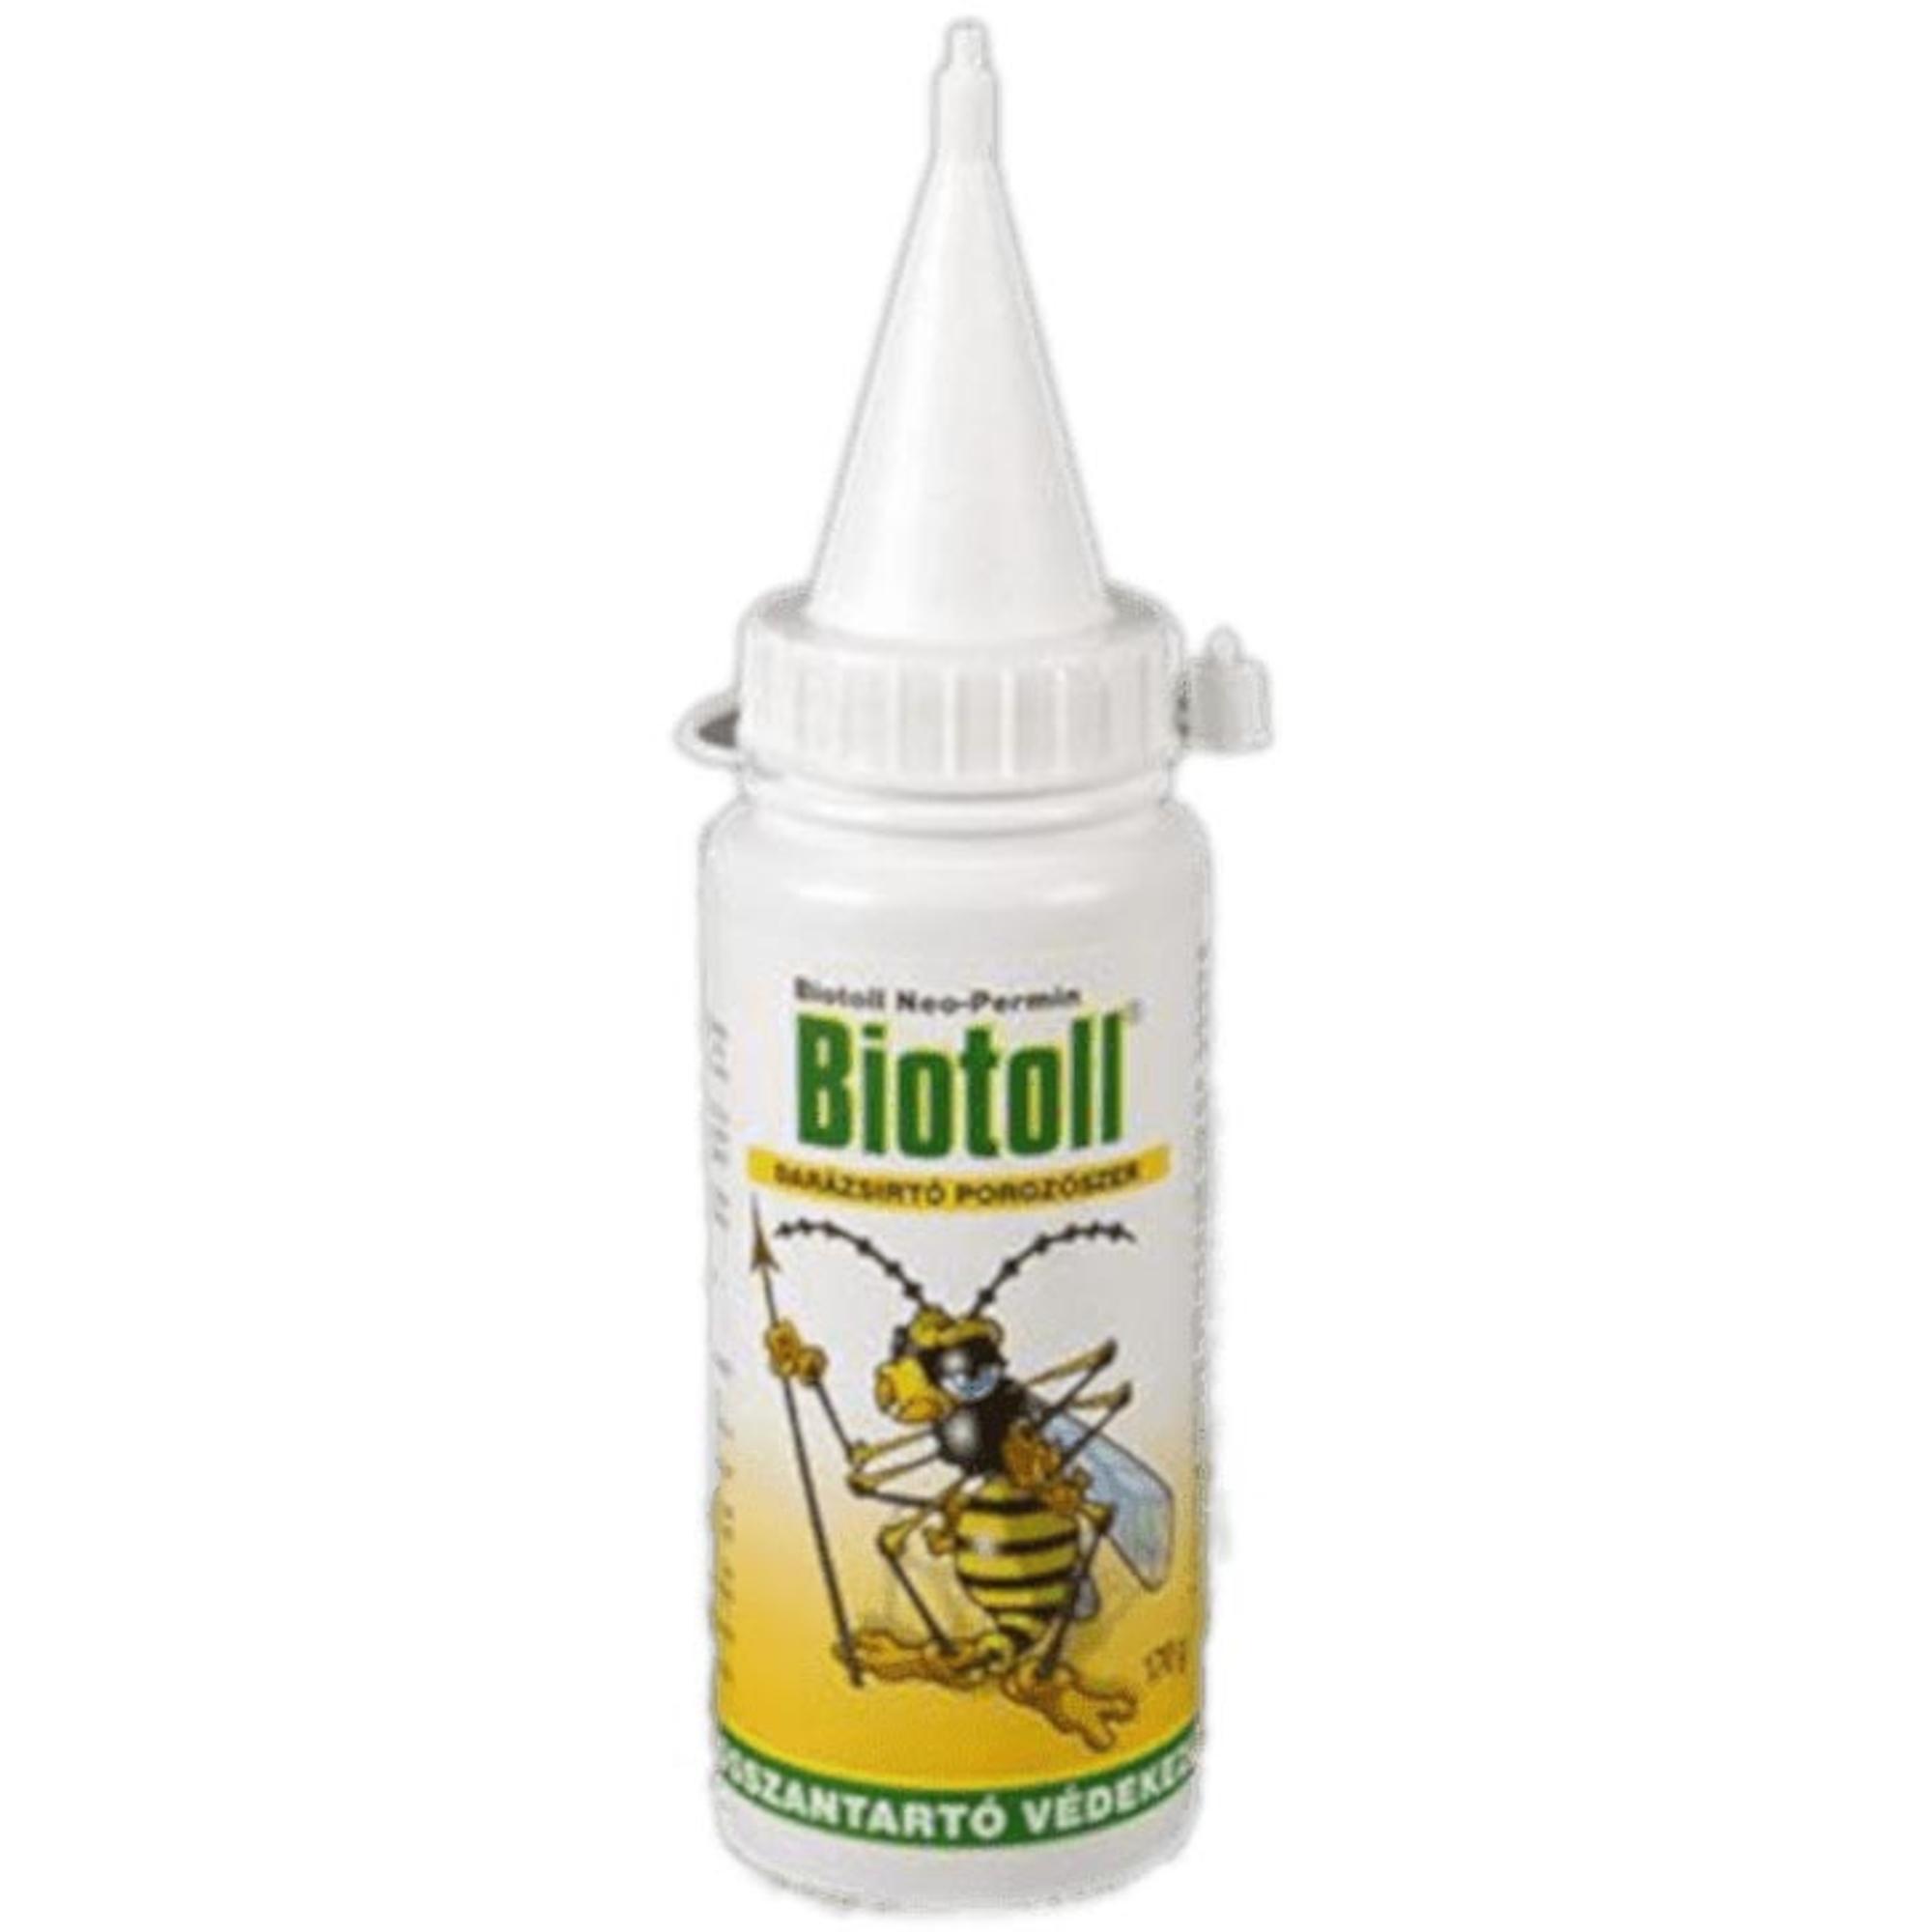 Biotoll Darázsirtó Porozószer 170g 50148